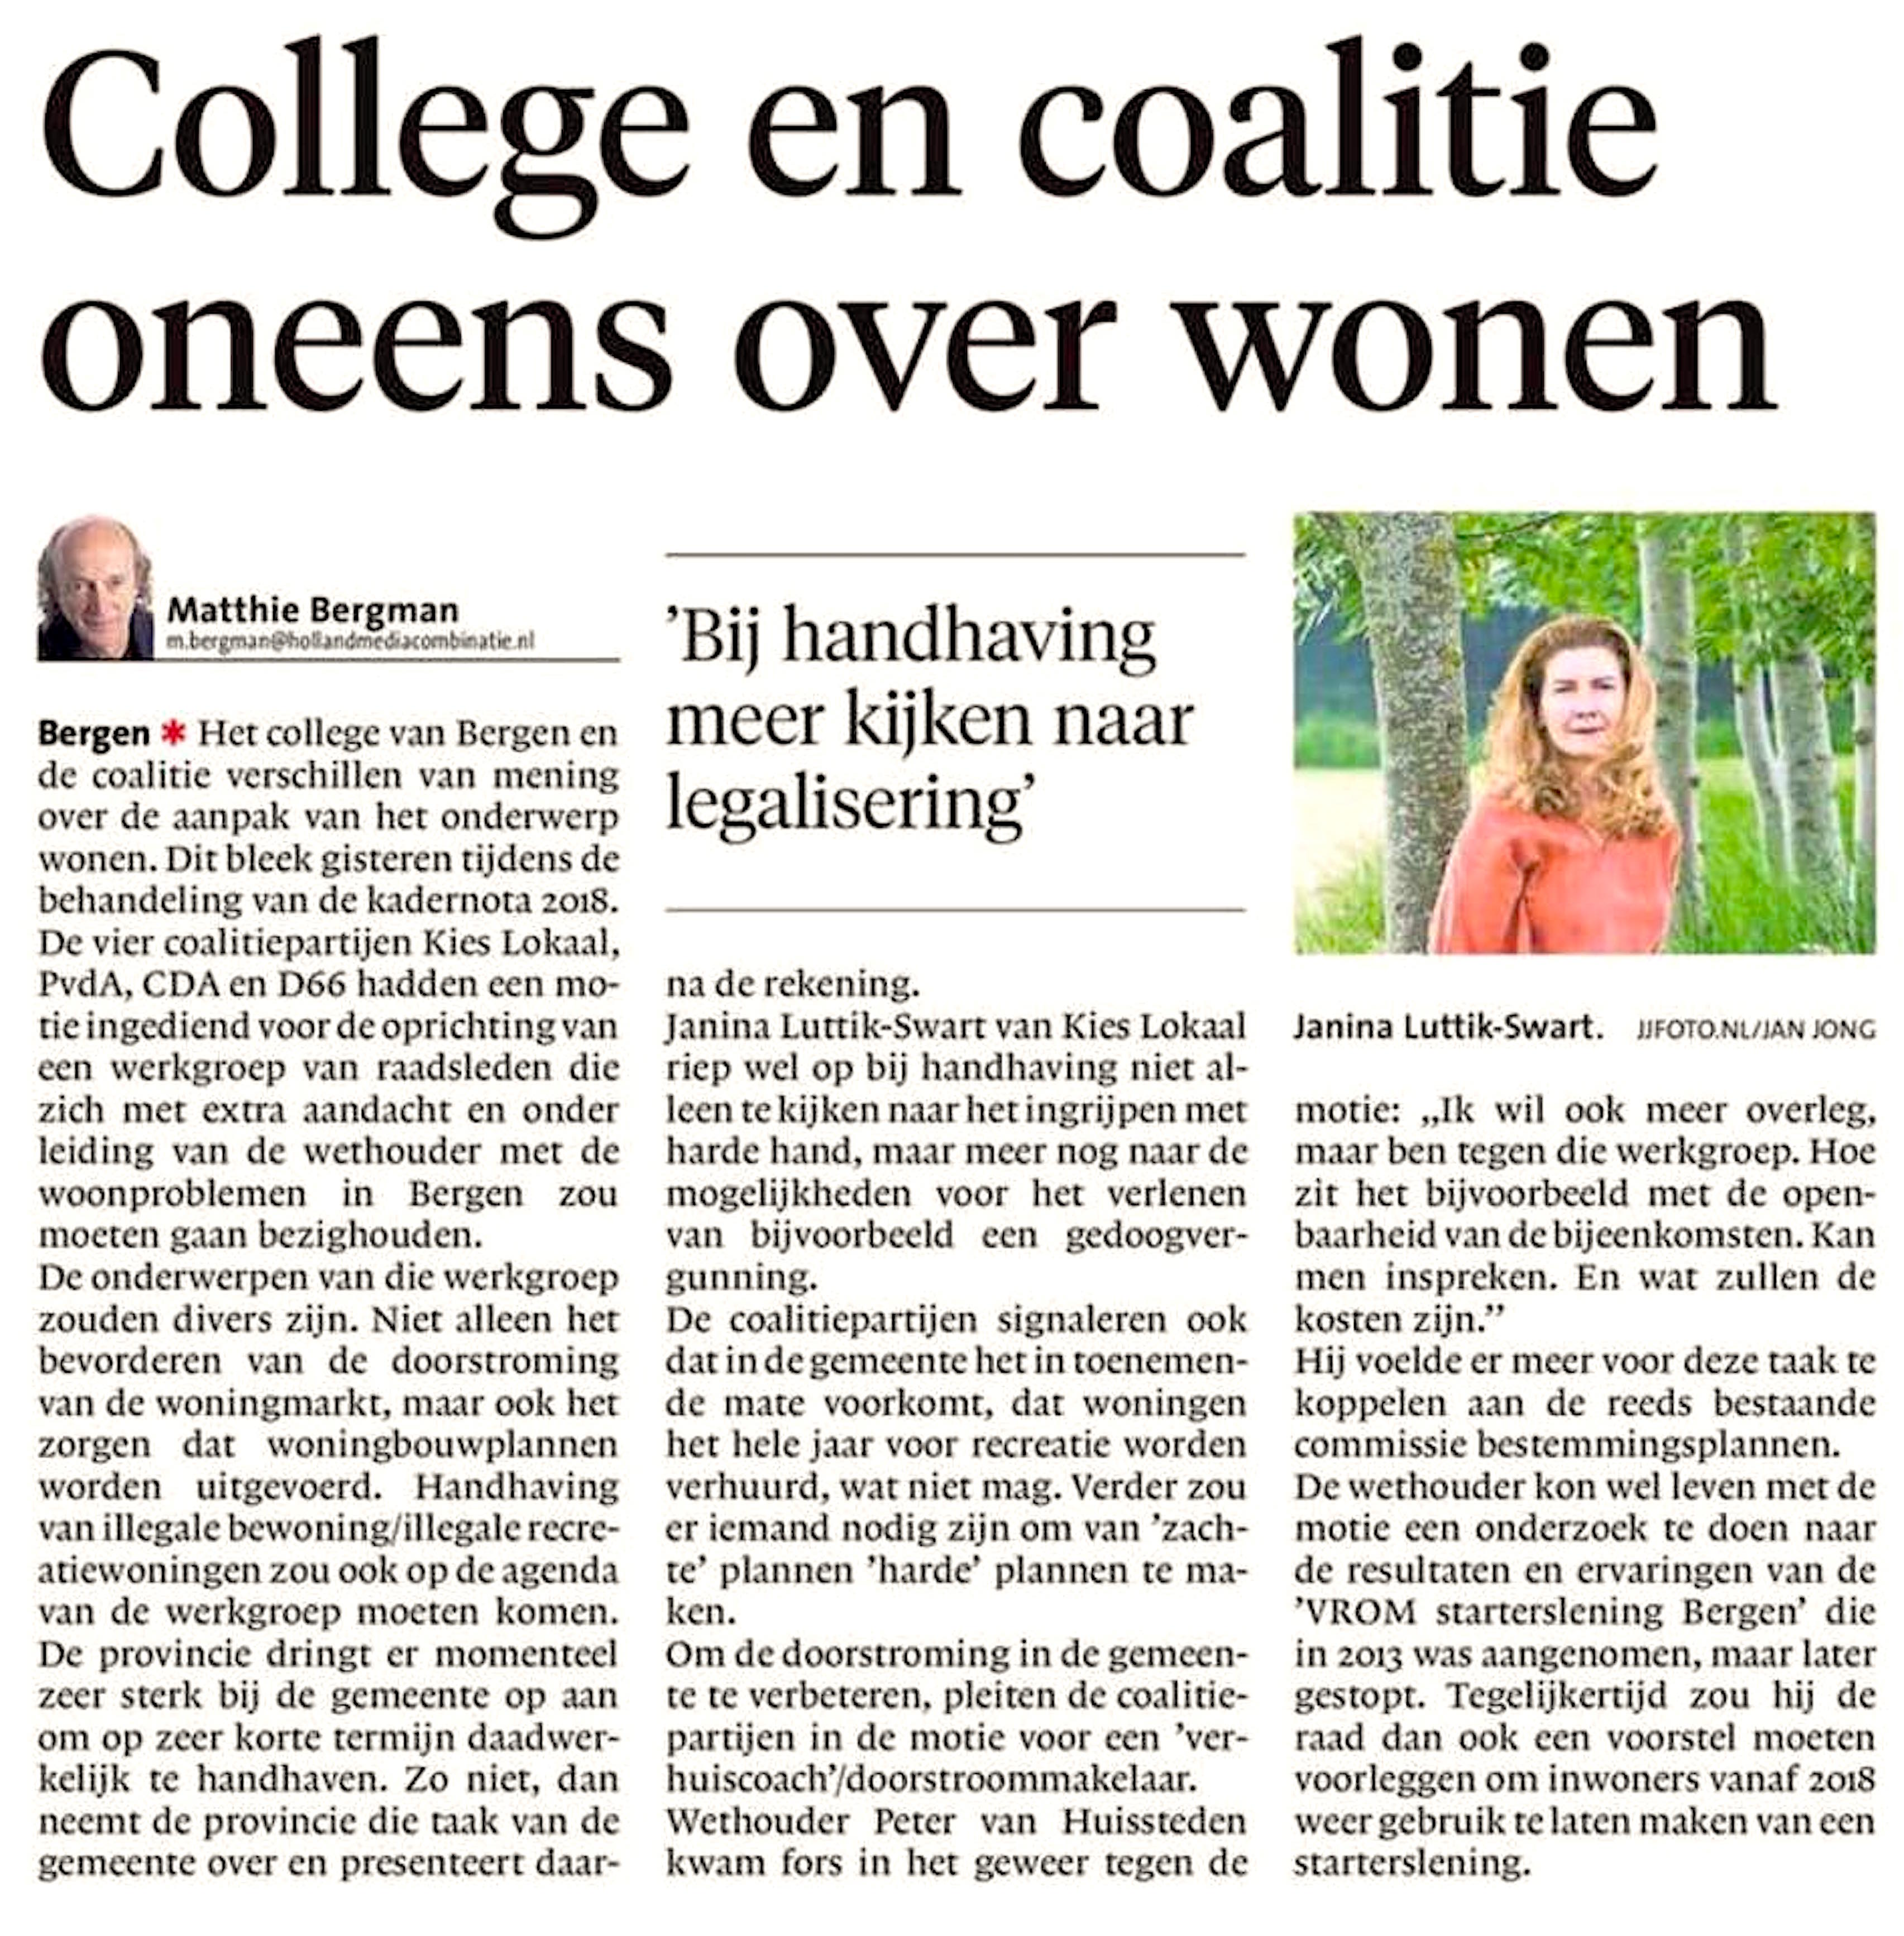 Alkmaarse Courant, 7 juli 2017